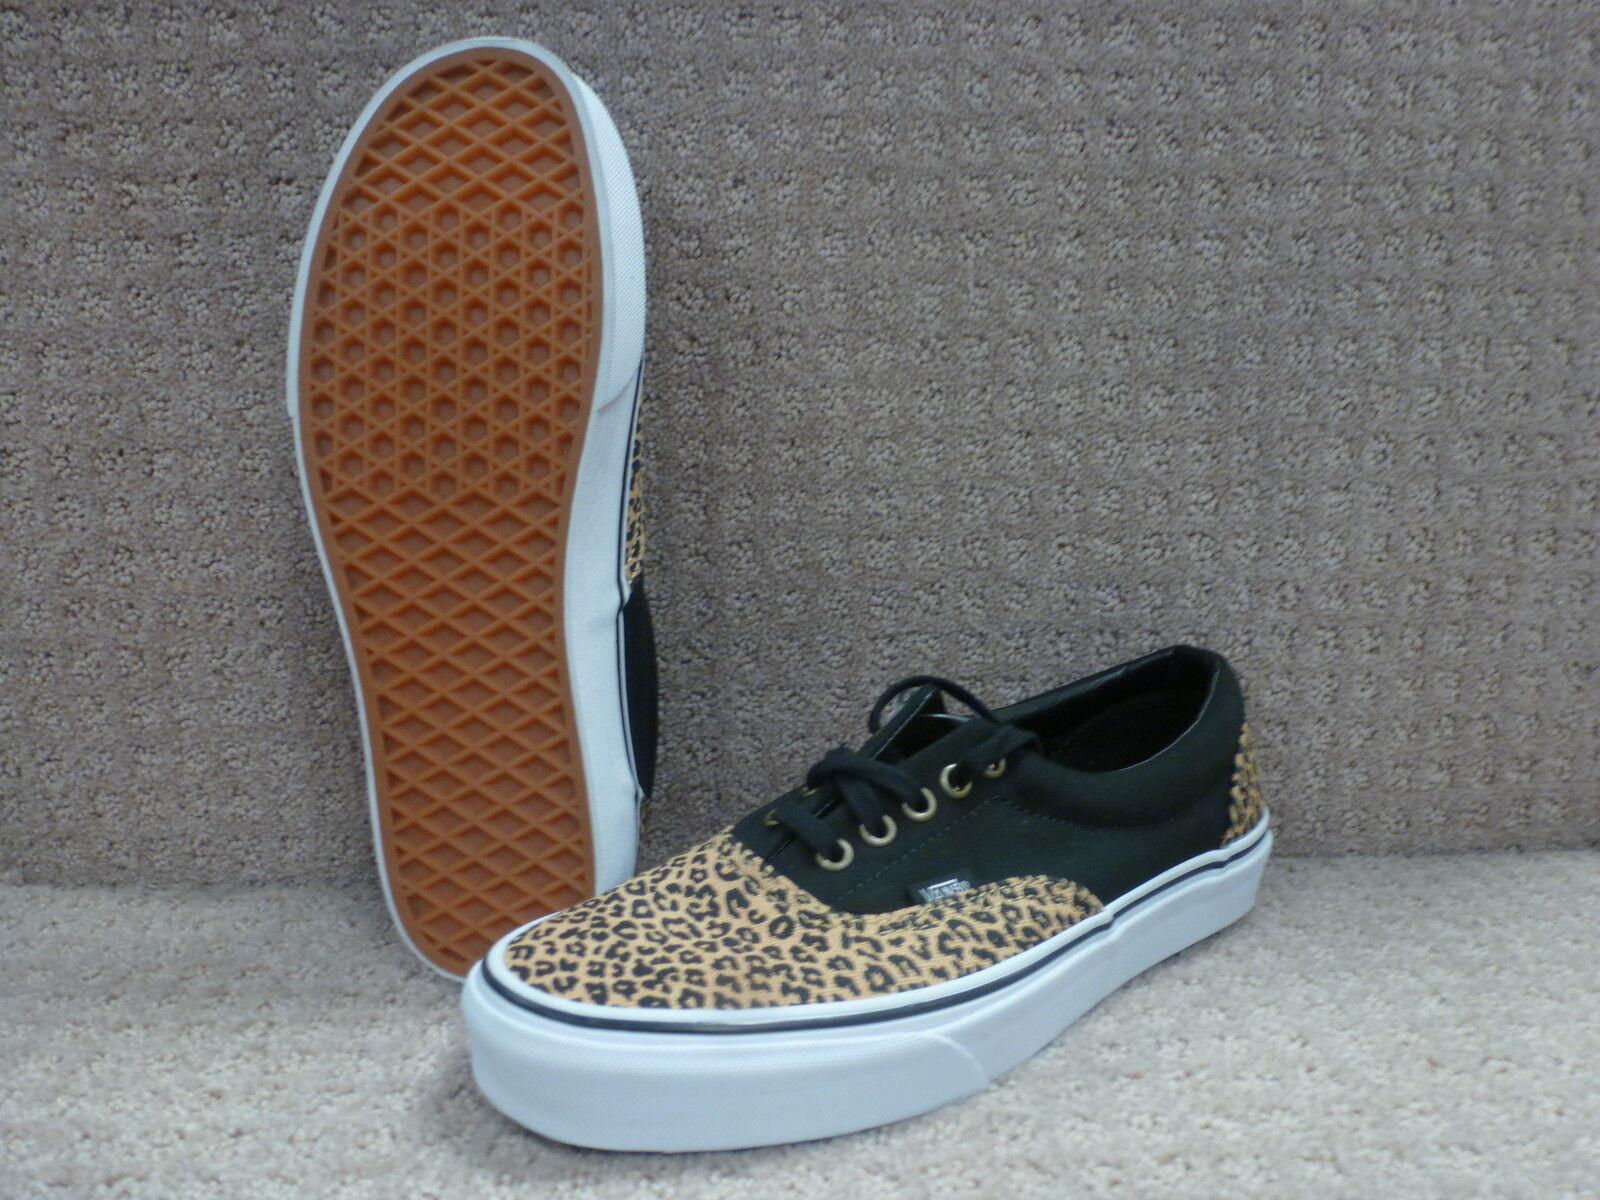 Vans Men's shoes Era color (2 Tone) Leopard Herringbone